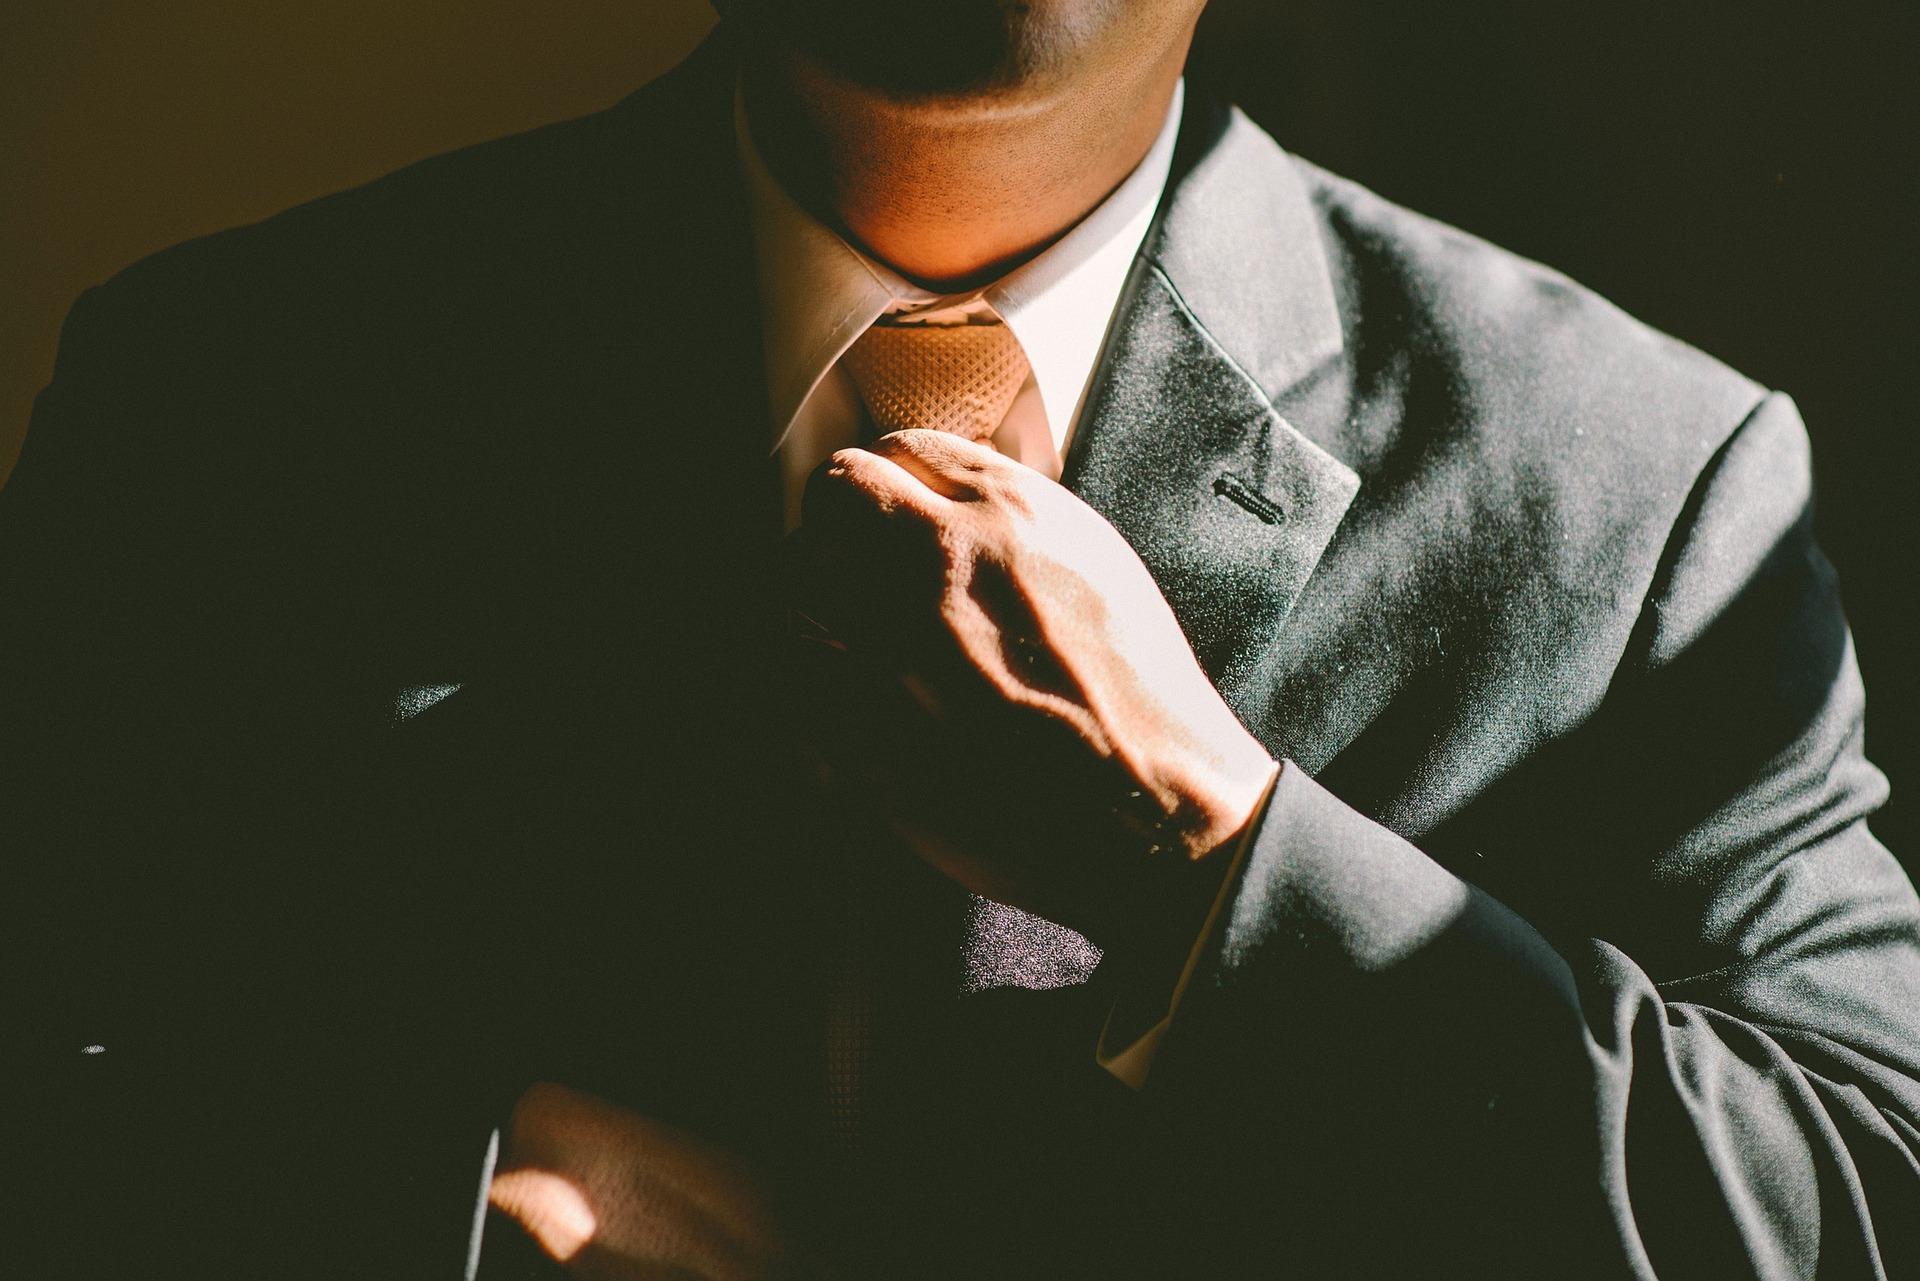 Kapitalerhöhung – und die gefälschte Bankbestätigung